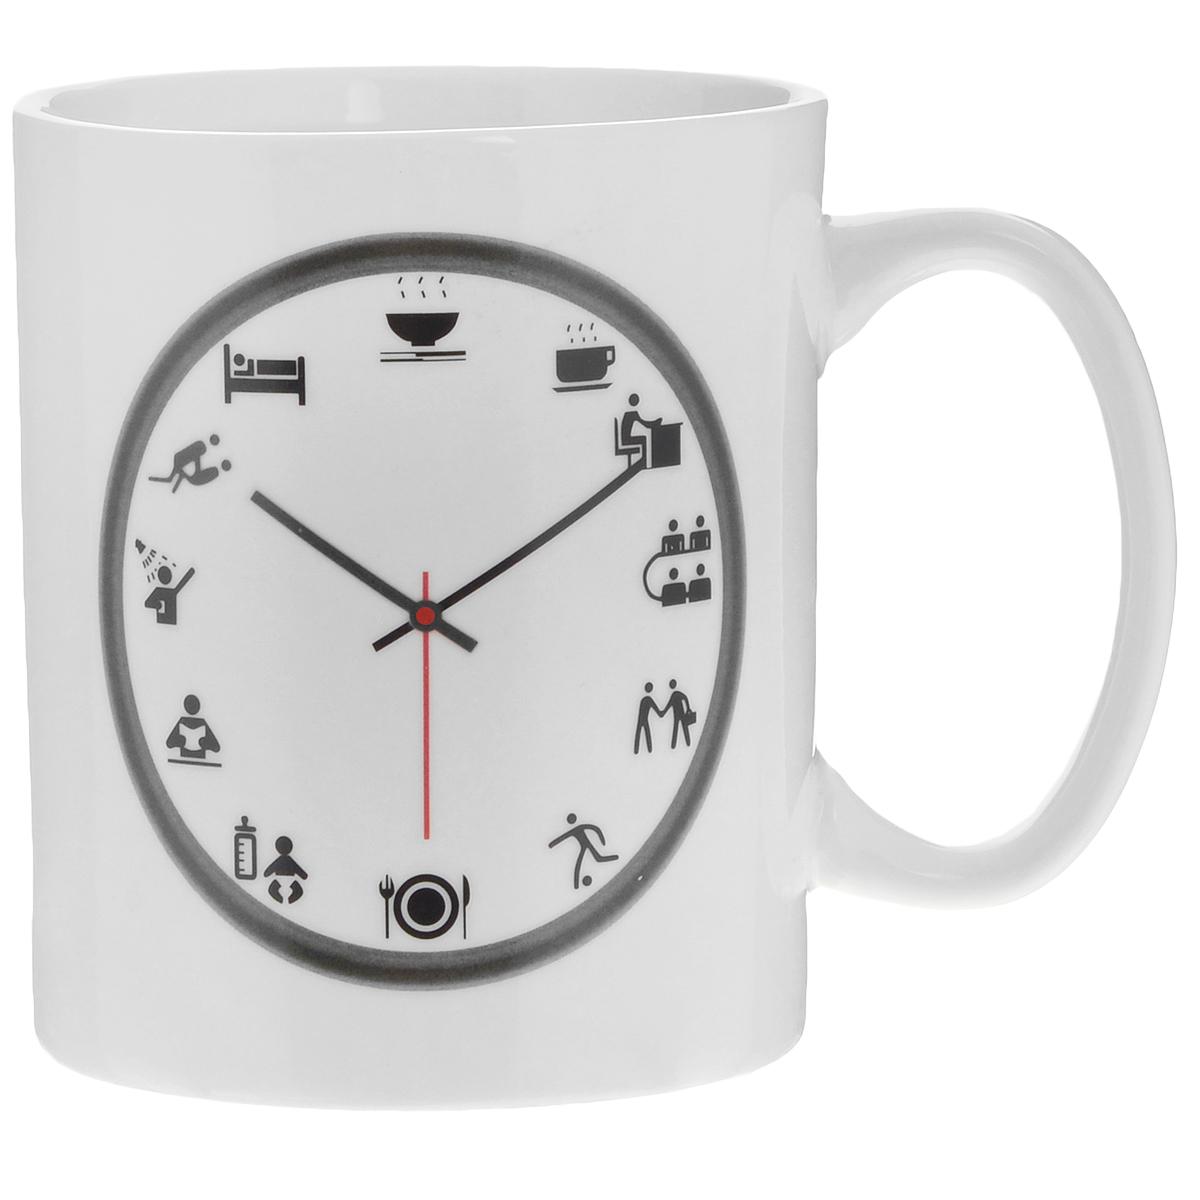 Кружка Личное время, 300 мл115610Кружка-хамелеон Личное время выполнена из высококачественного фарфора. Изменяет рисунок при нагреве. В холодном состоянии на кружке нарисованы часы. На циферблате черного цвета вместо часов изображены рисунки с изображением того, что принято делать в тот или иной час. Если в нее налить горячий напиток, то стрелка и рисунок на десяти часах вечера меняют цвет с темного на красный. Такой подарок станет не только приятным, но и практичным сувениром: кружка станет незаменимым атрибутом чаепития, а оригинальный дизайн вызовет улыбку.Нельзя мыть в посудомоечной машине. Можно использовать в микроволновой печи. Диаметр по верхнему краю: 7,2 см.Высота кружки: 9 см.Объем: 300 мл.